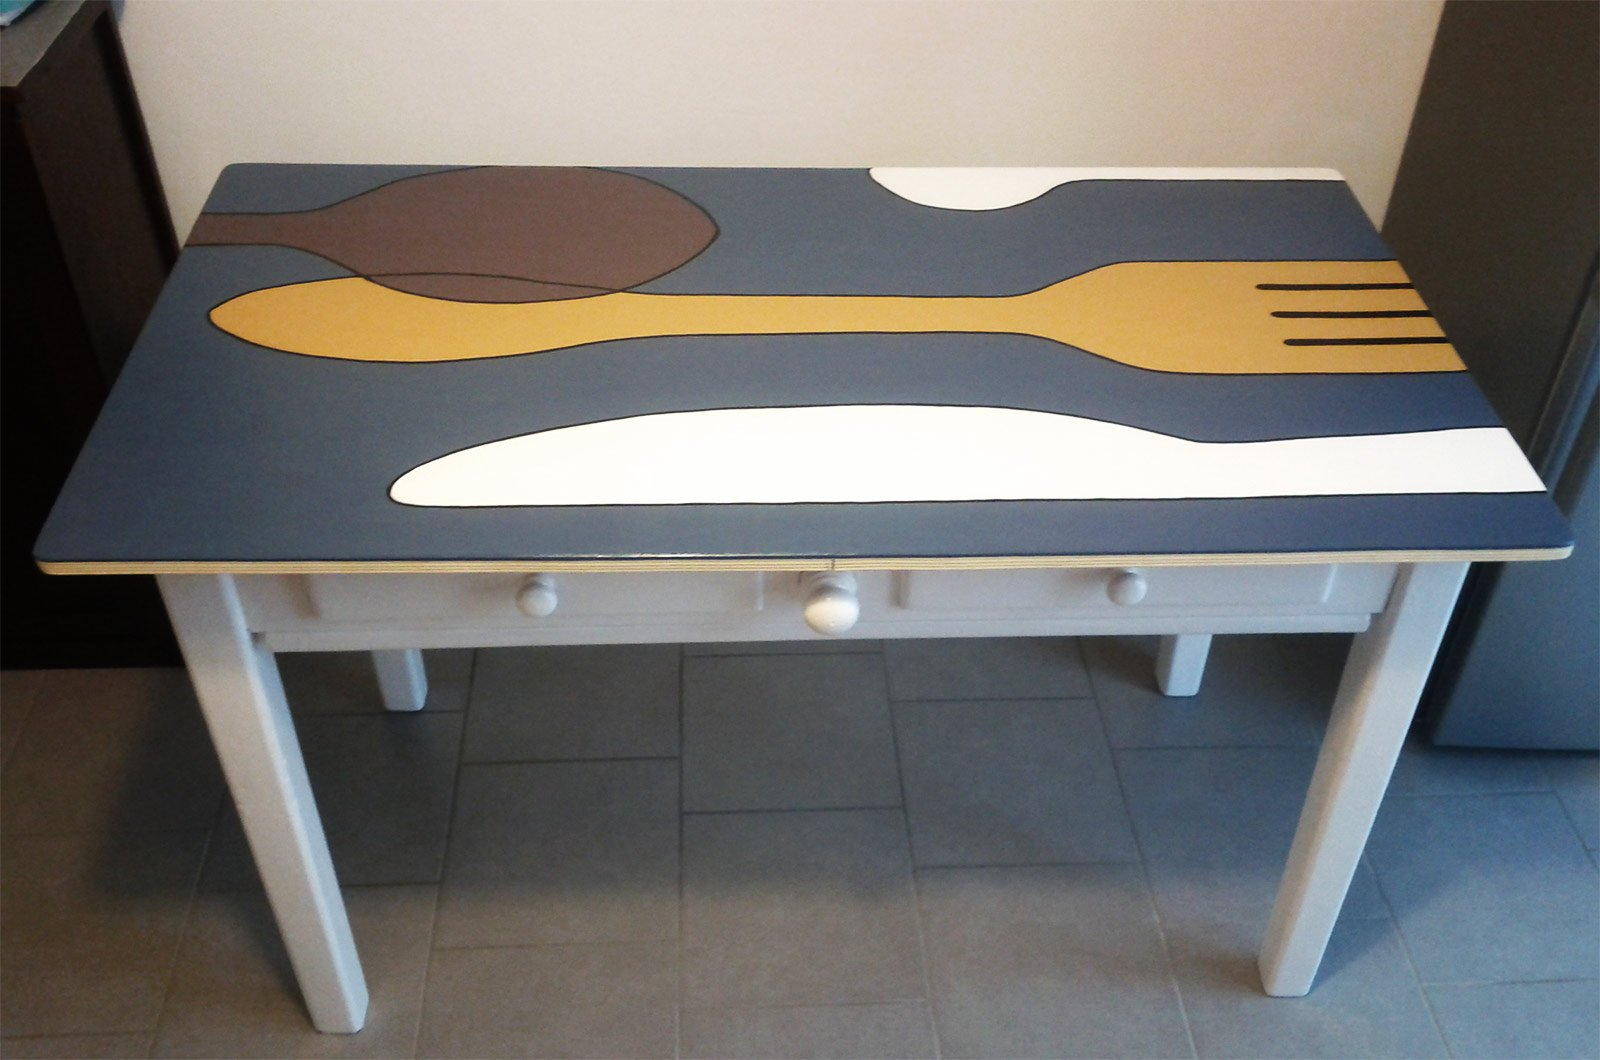 Un tavolo decorato con maxi posate cose di casa for Tavolo legno vecchio cucina